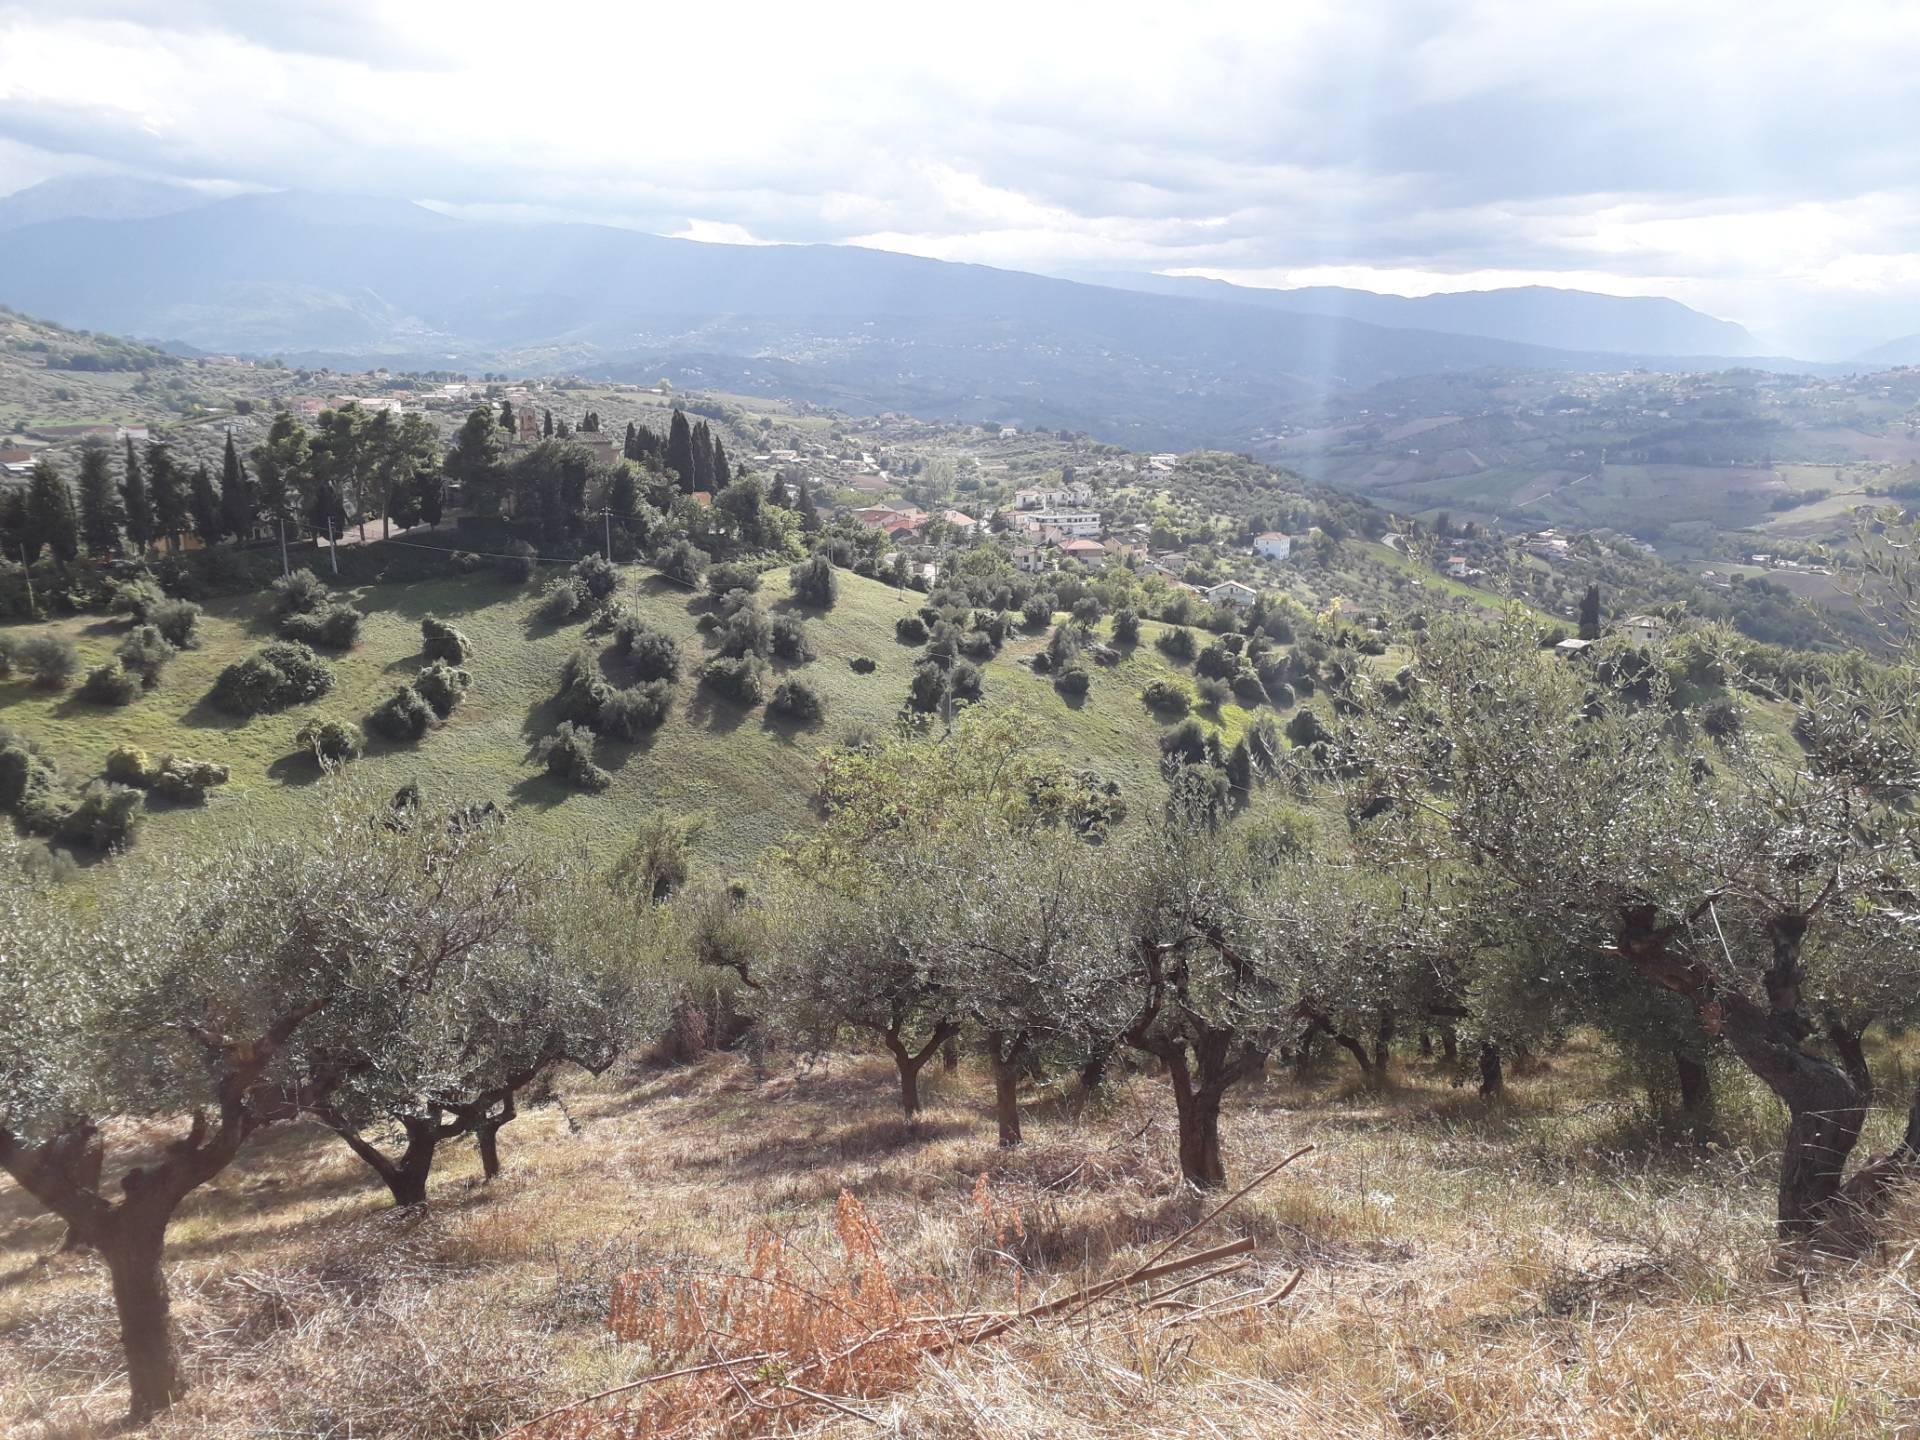 Terreno Agricolo in vendita a Bucchianico, 9999 locali, prezzo € 26.000 | CambioCasa.it